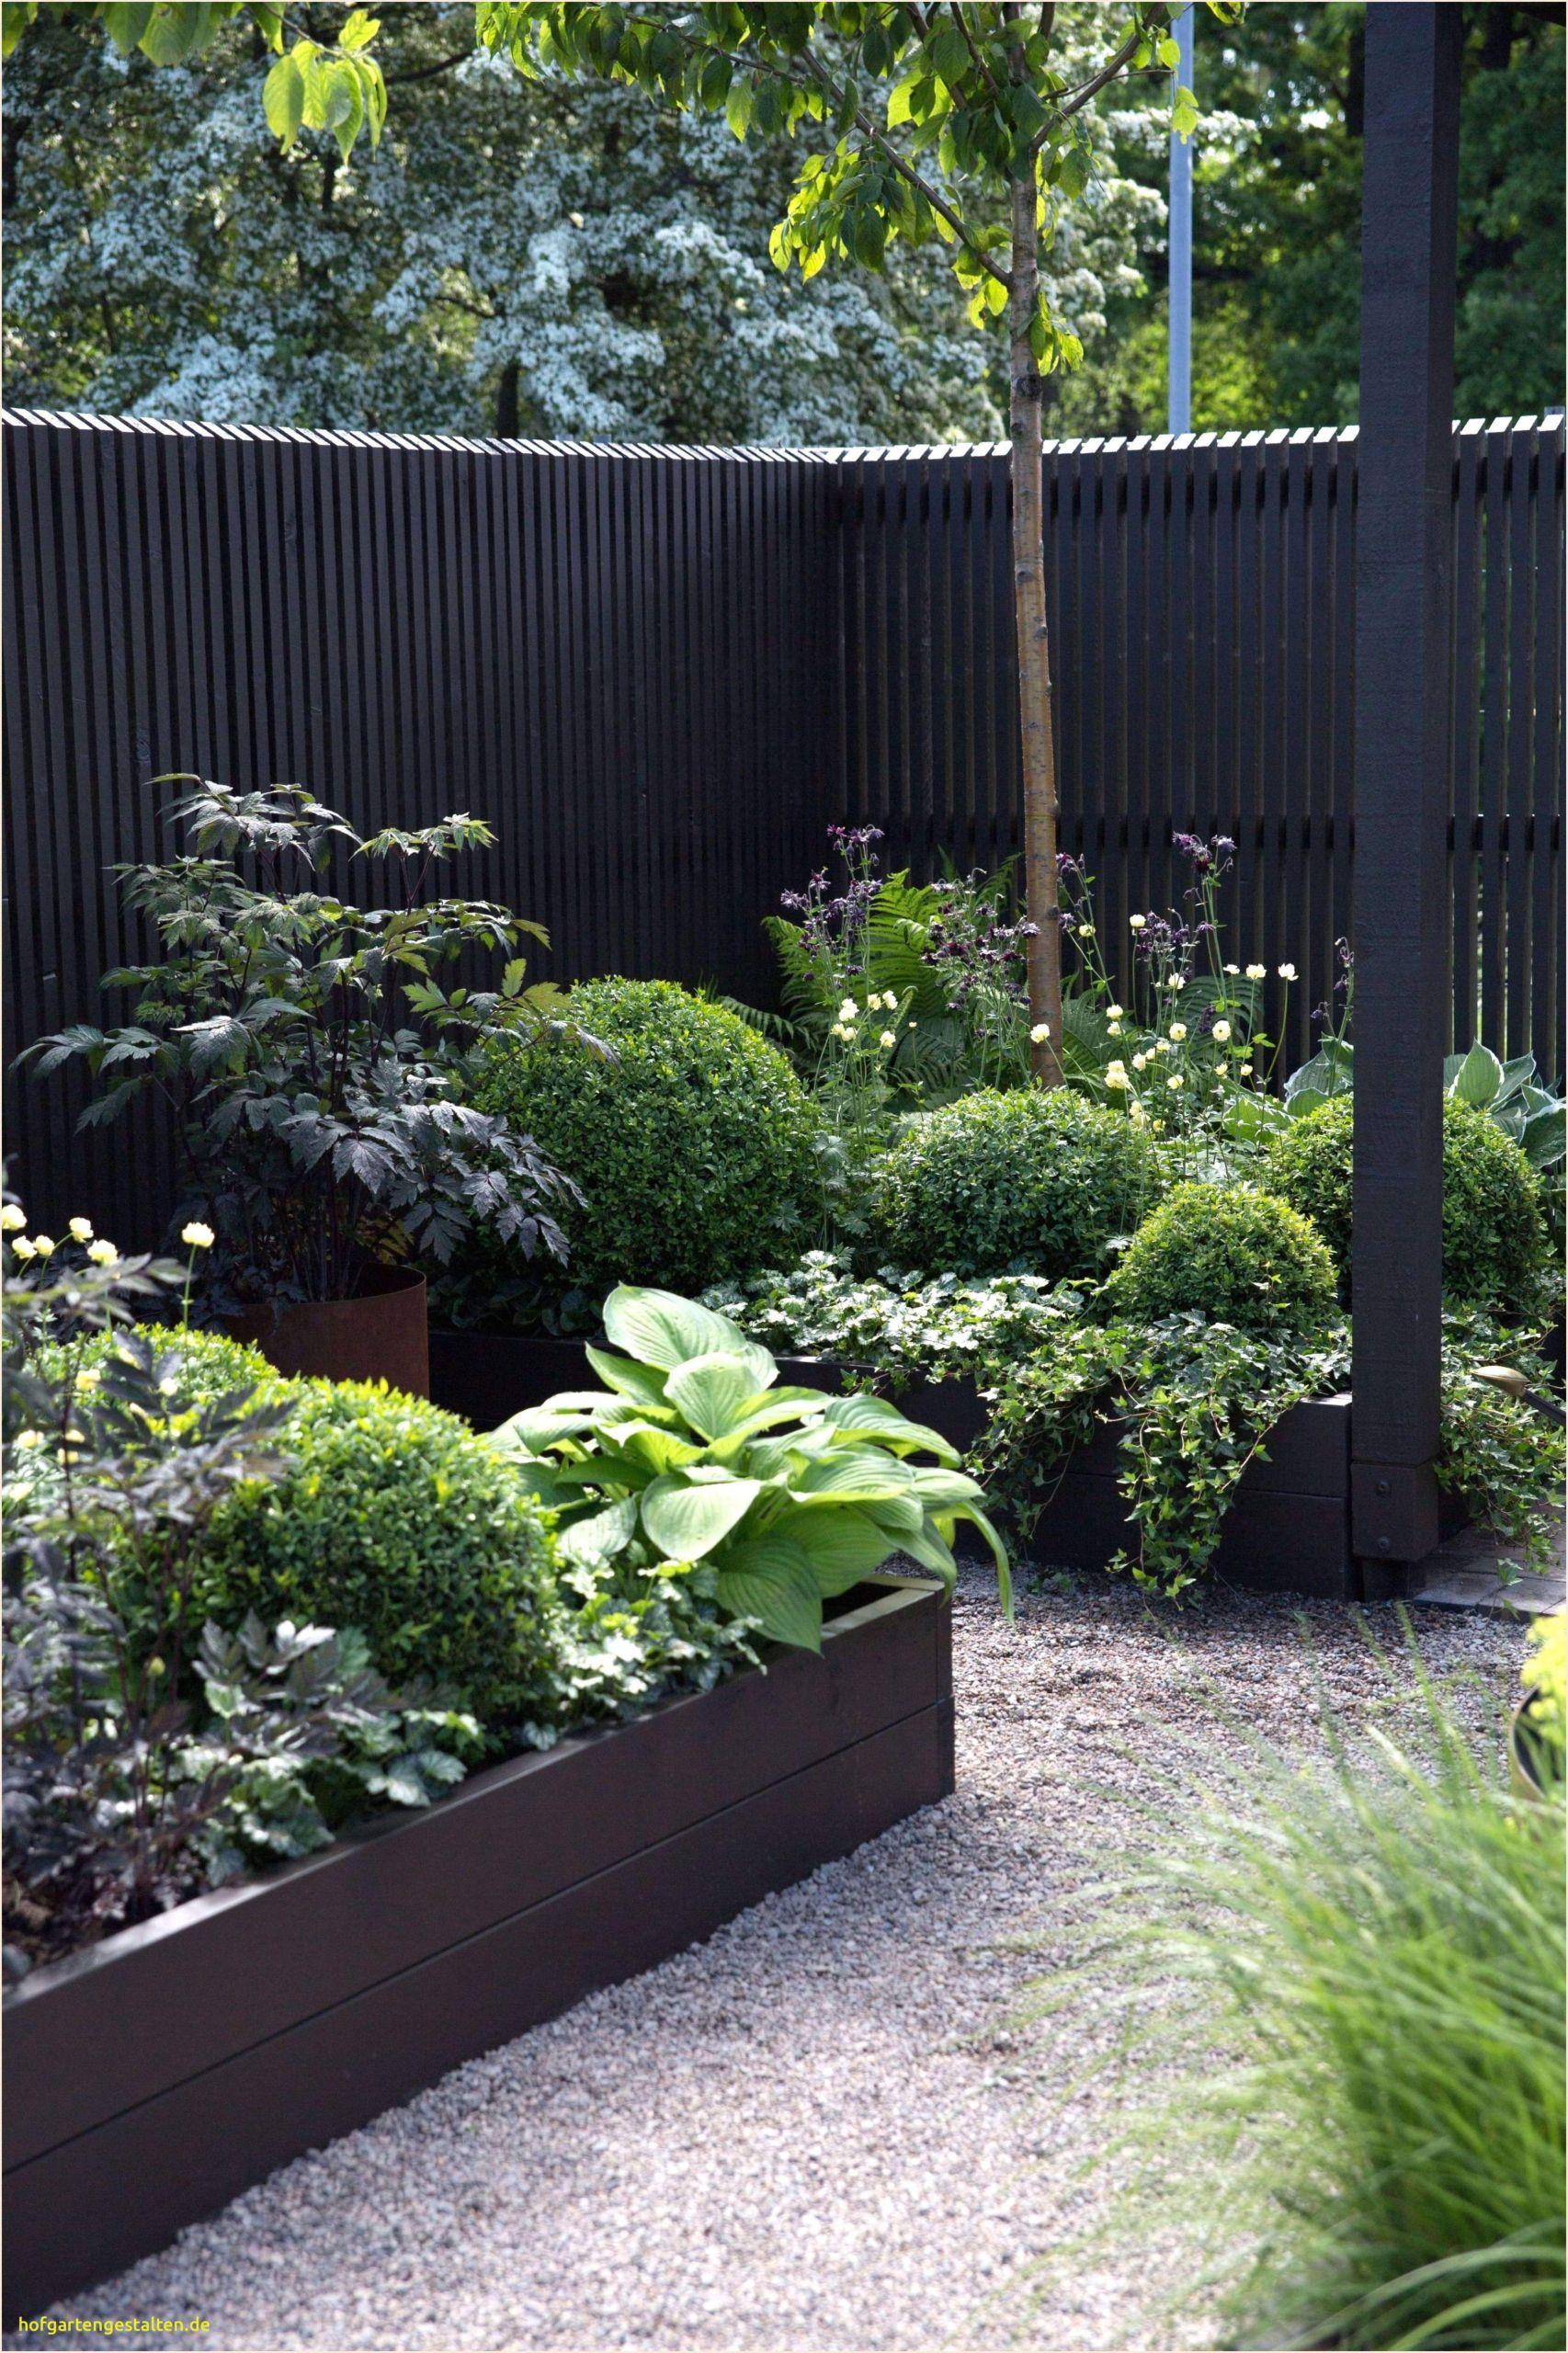 Mein Garten Reizend Alten Garten Neu Anlegen — Temobardz Home Blog